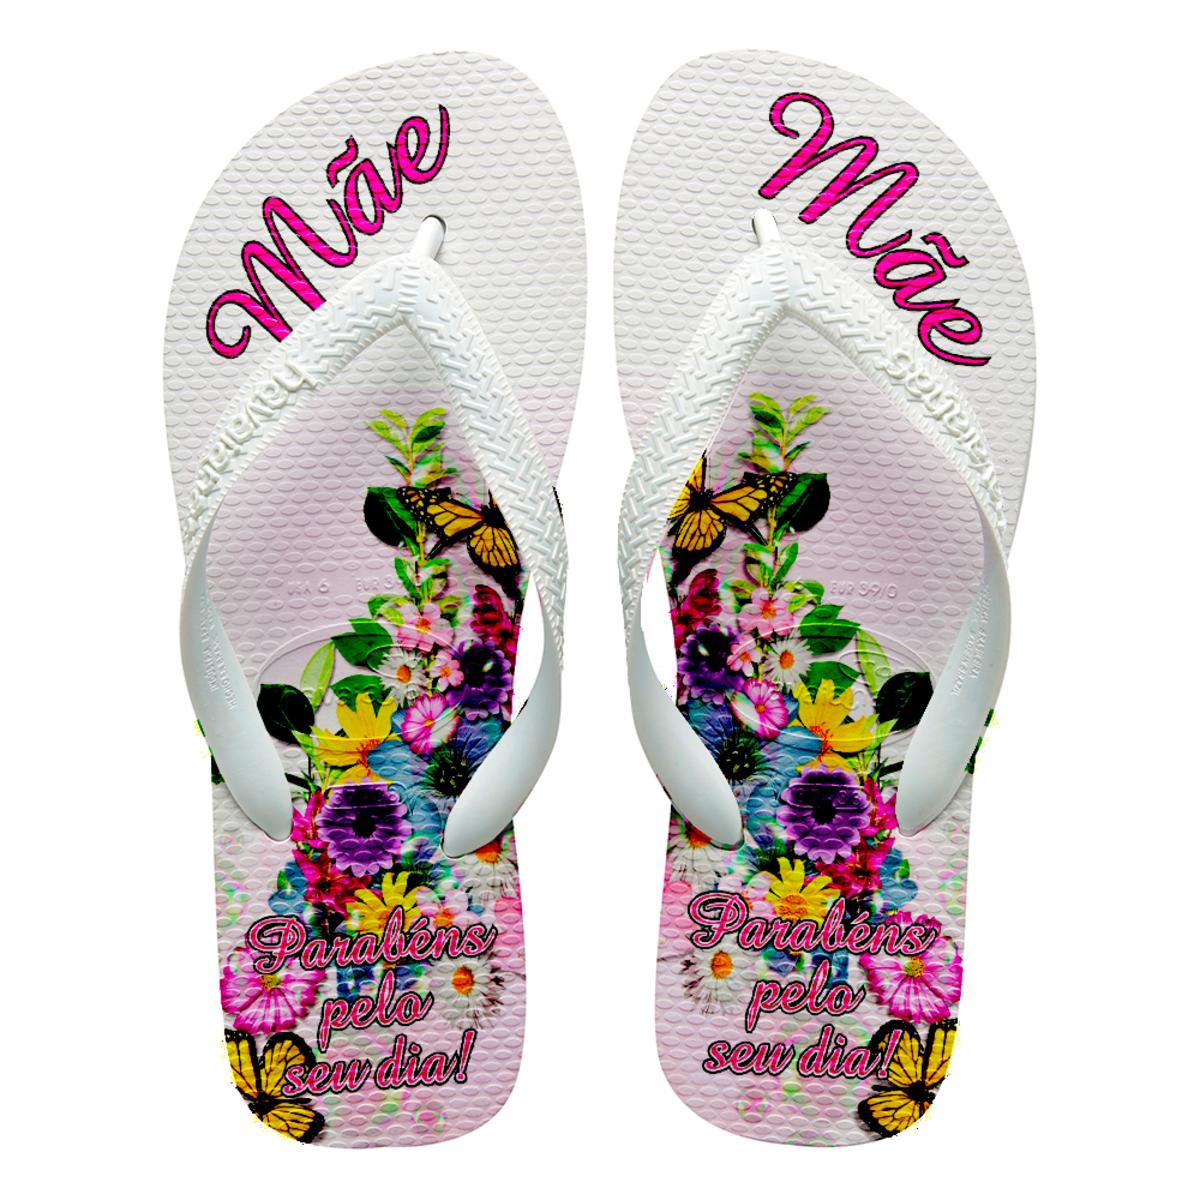 e209c33beb Chinelos Havaianas personalizados dias das Mães corações no Elo7 ...